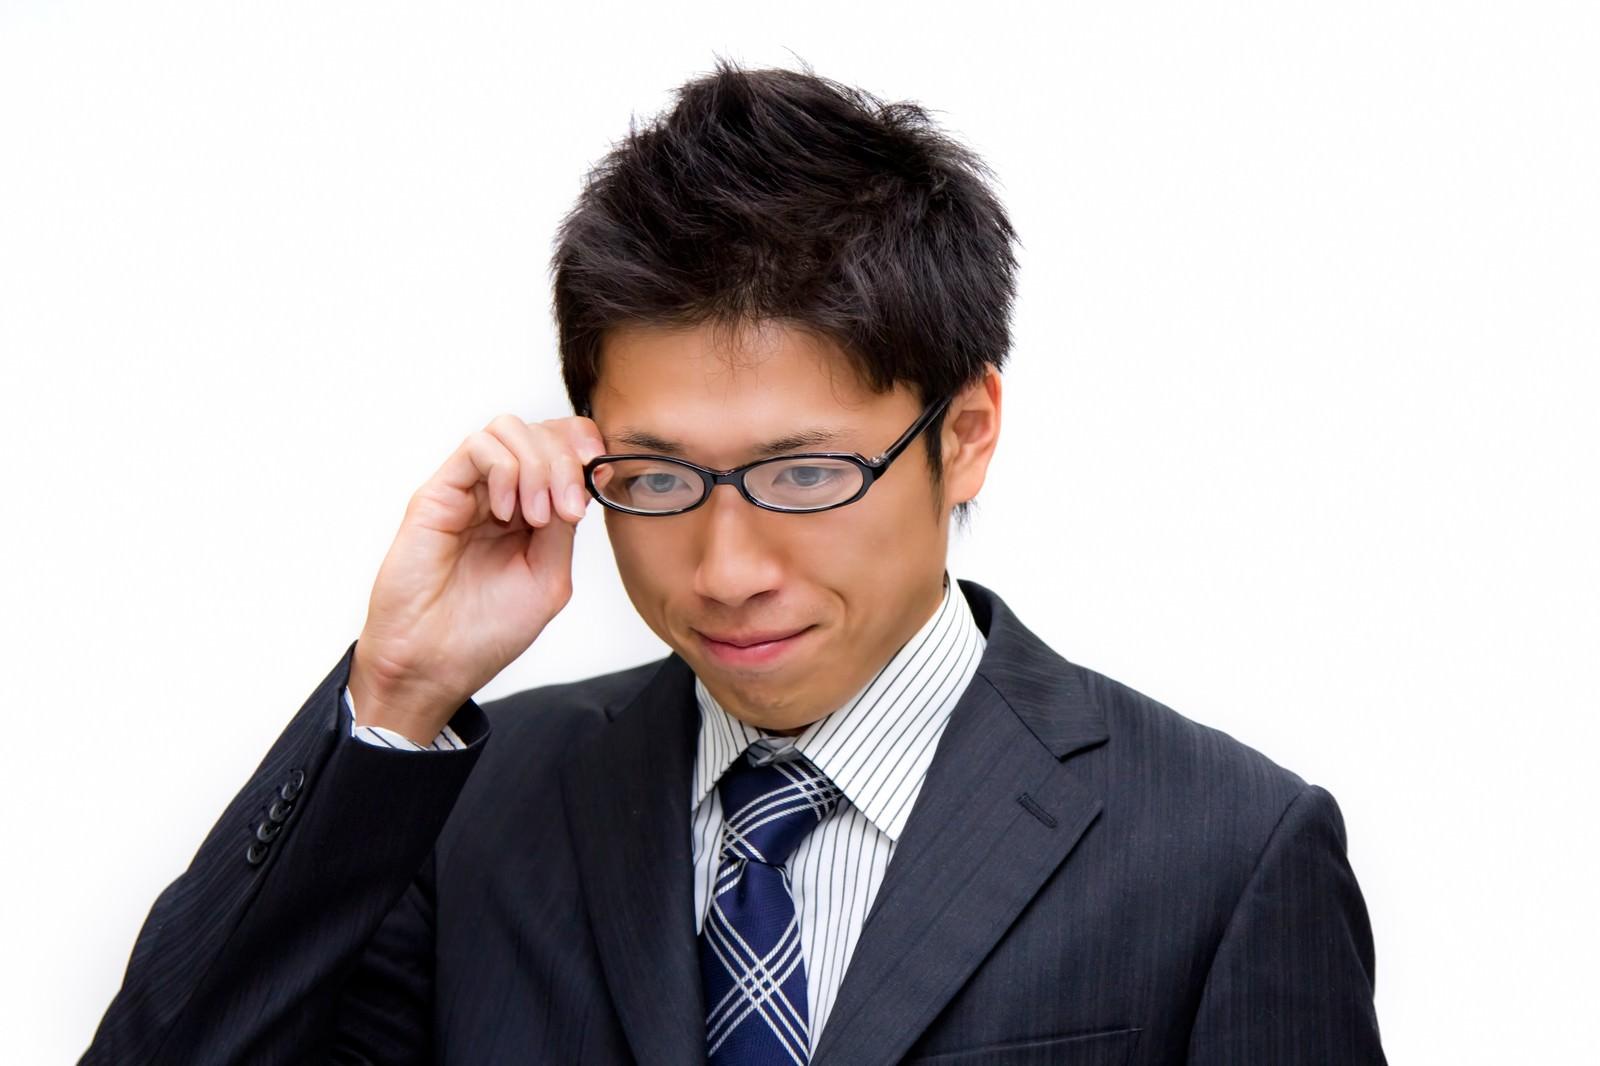 「眼鏡をかける男性」の写真[モデル:恭平]